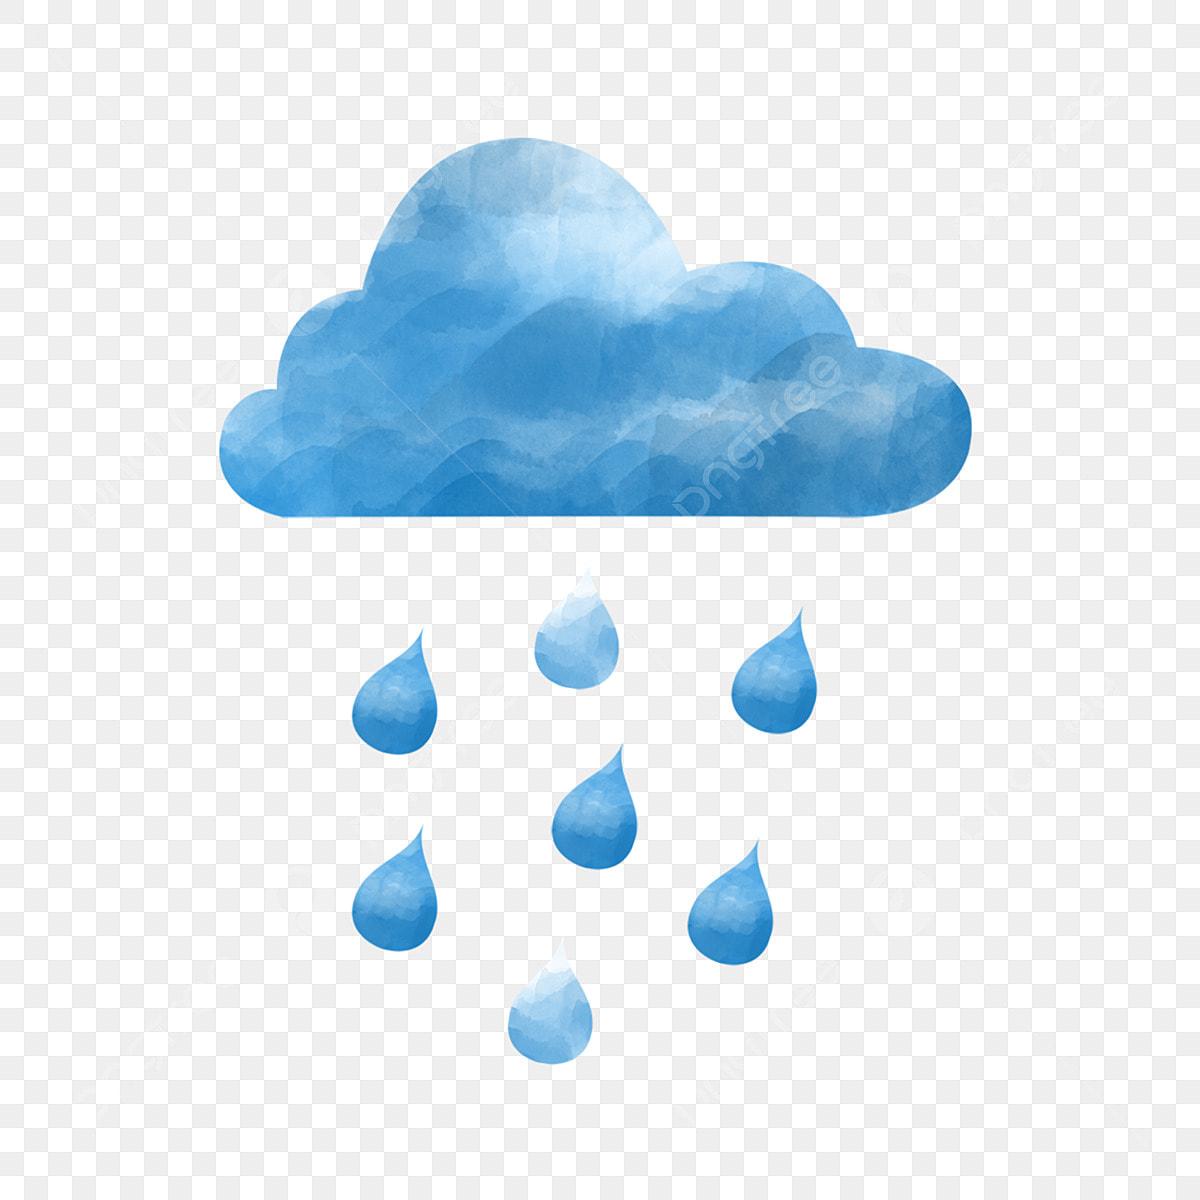 المائية تتفتح سحابة يوم ممطر في يوم ممطر ألوان مائية الغيوم Png وملف Psd للتحميل مجانا